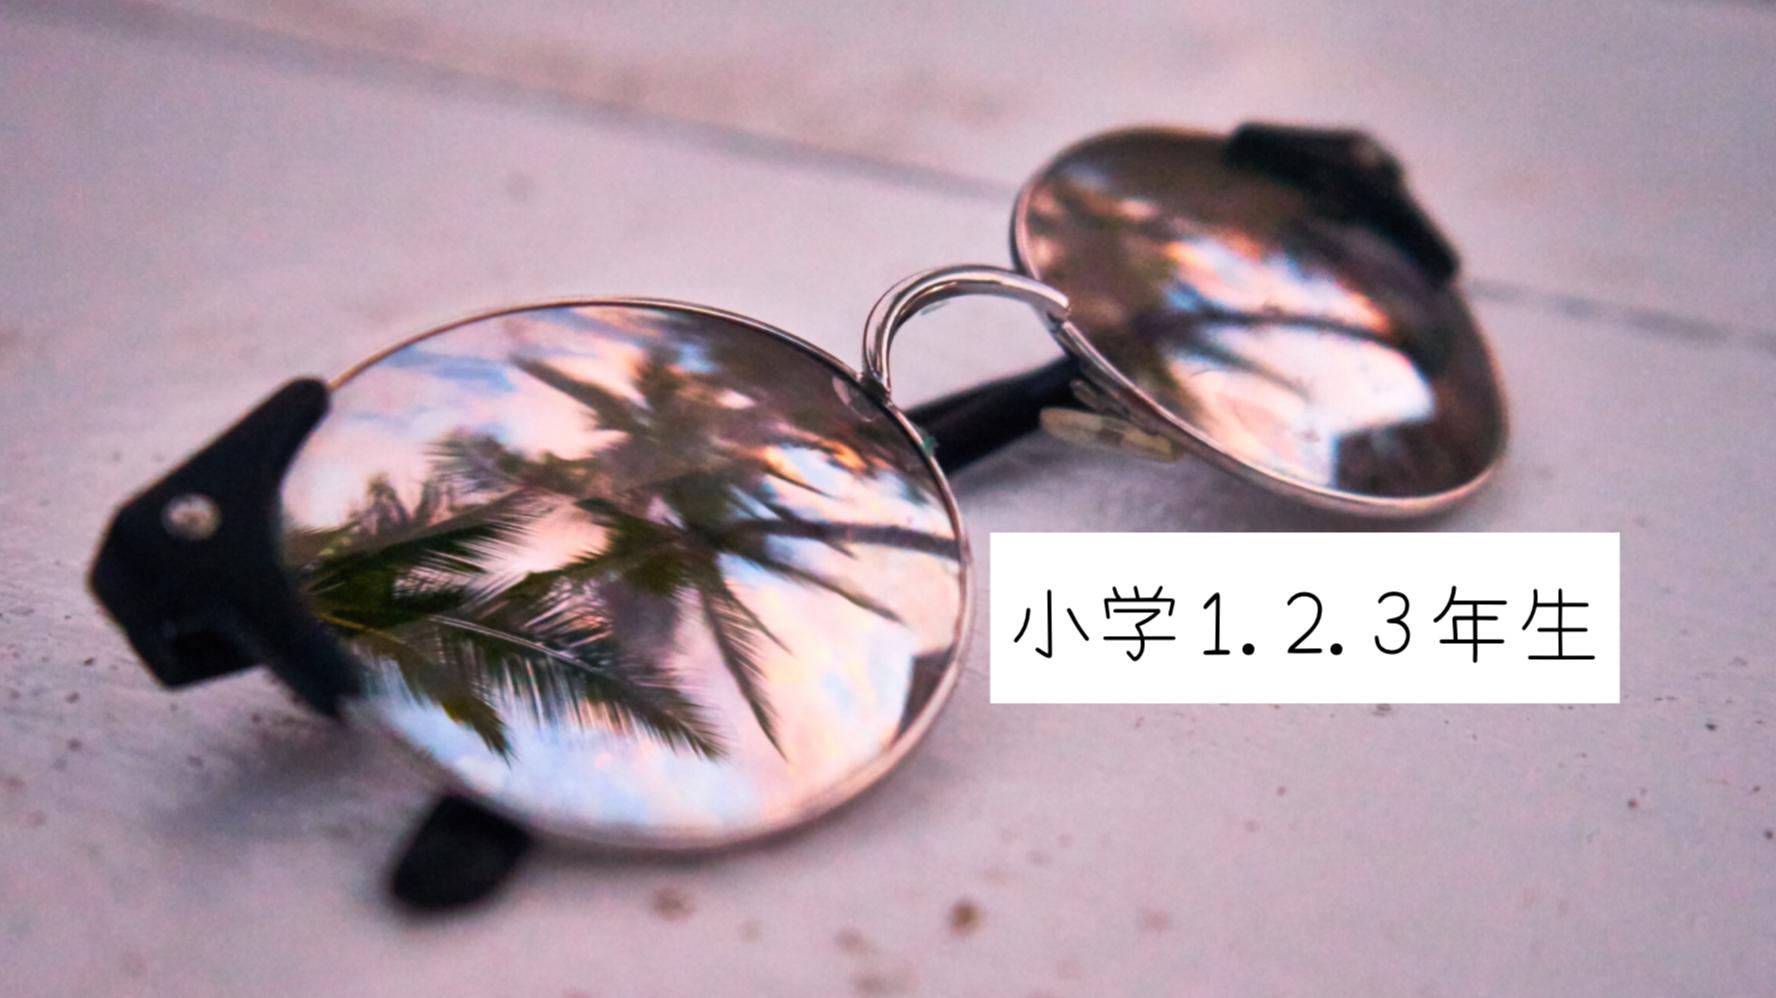 2020/6/29 1.2.3年生 フォニックス